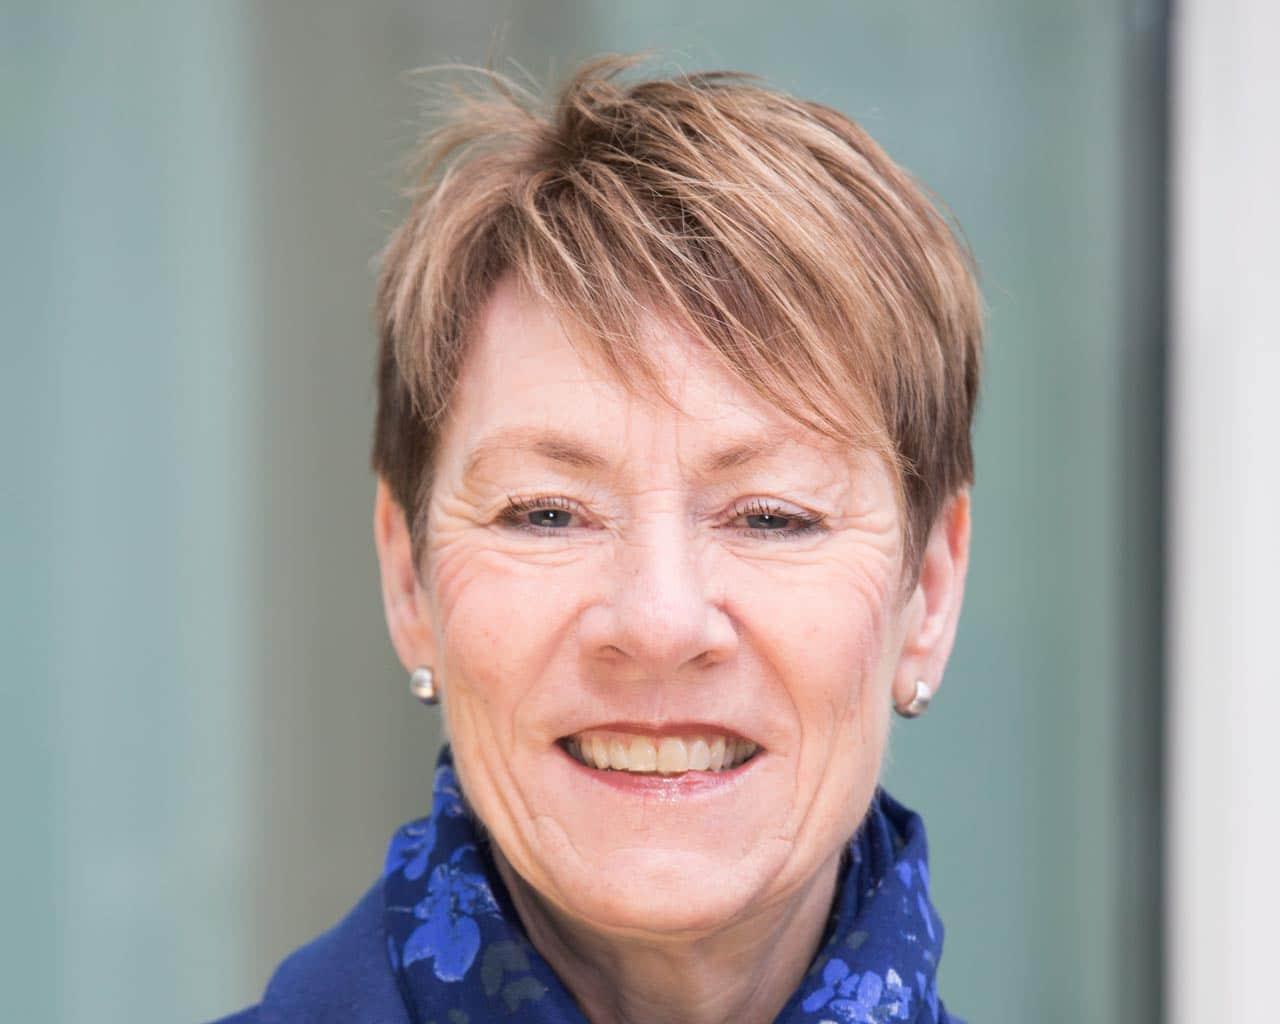 Angelika Barg ist Leiterin vom Kölner Standesamt und somit Chefin von 68 Kollegen. copyright: Stadt Köln